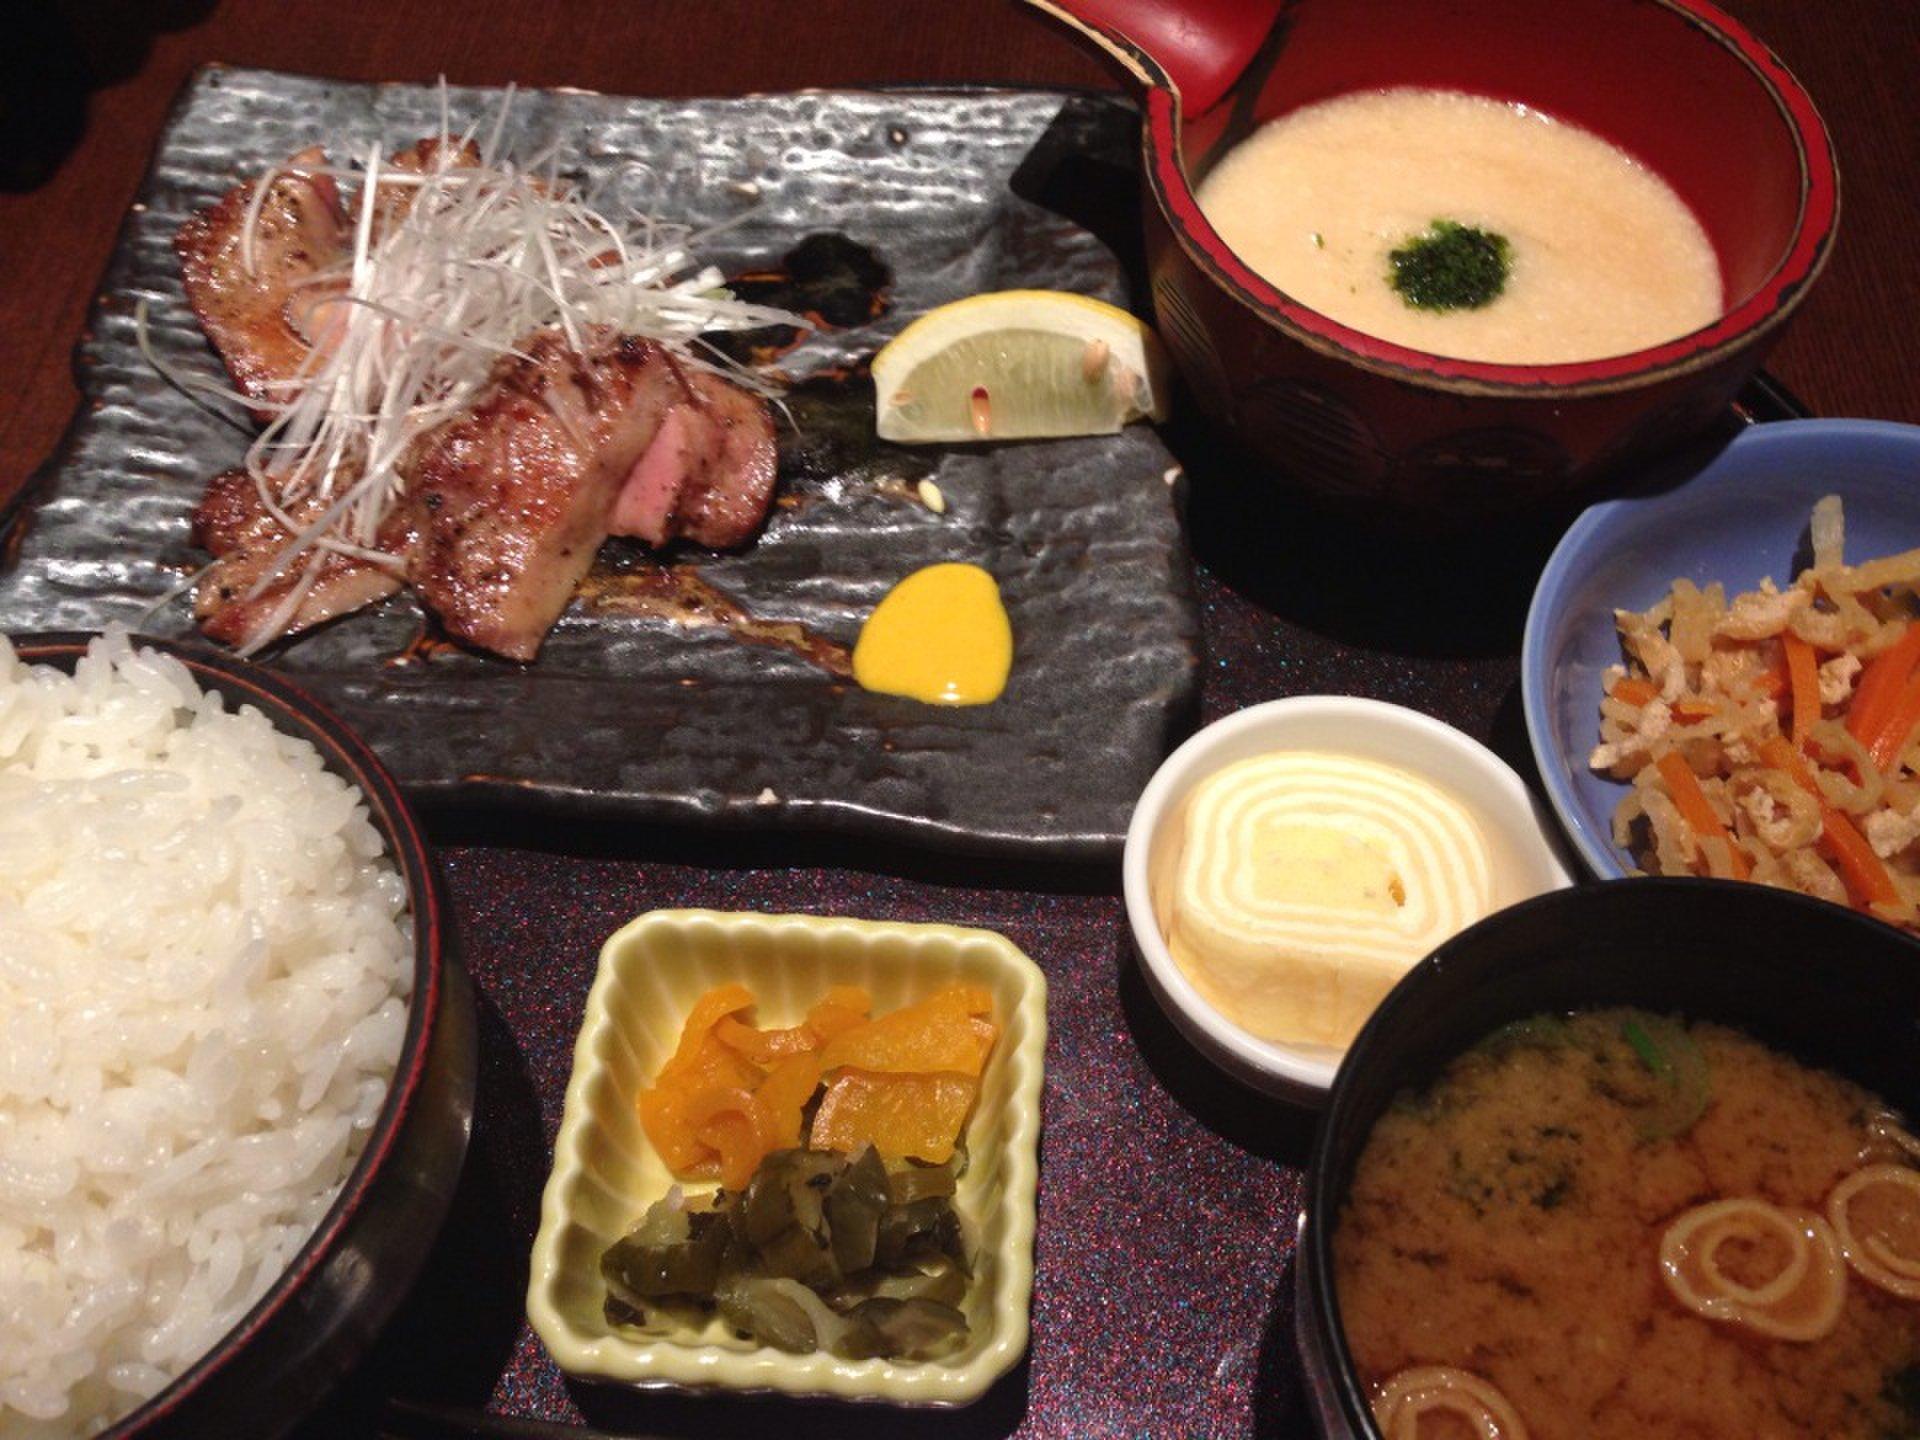 雨の日デートにおすすめ!恵比寿ガーデンプレイスで人気の個室の和食料理屋でごはん!